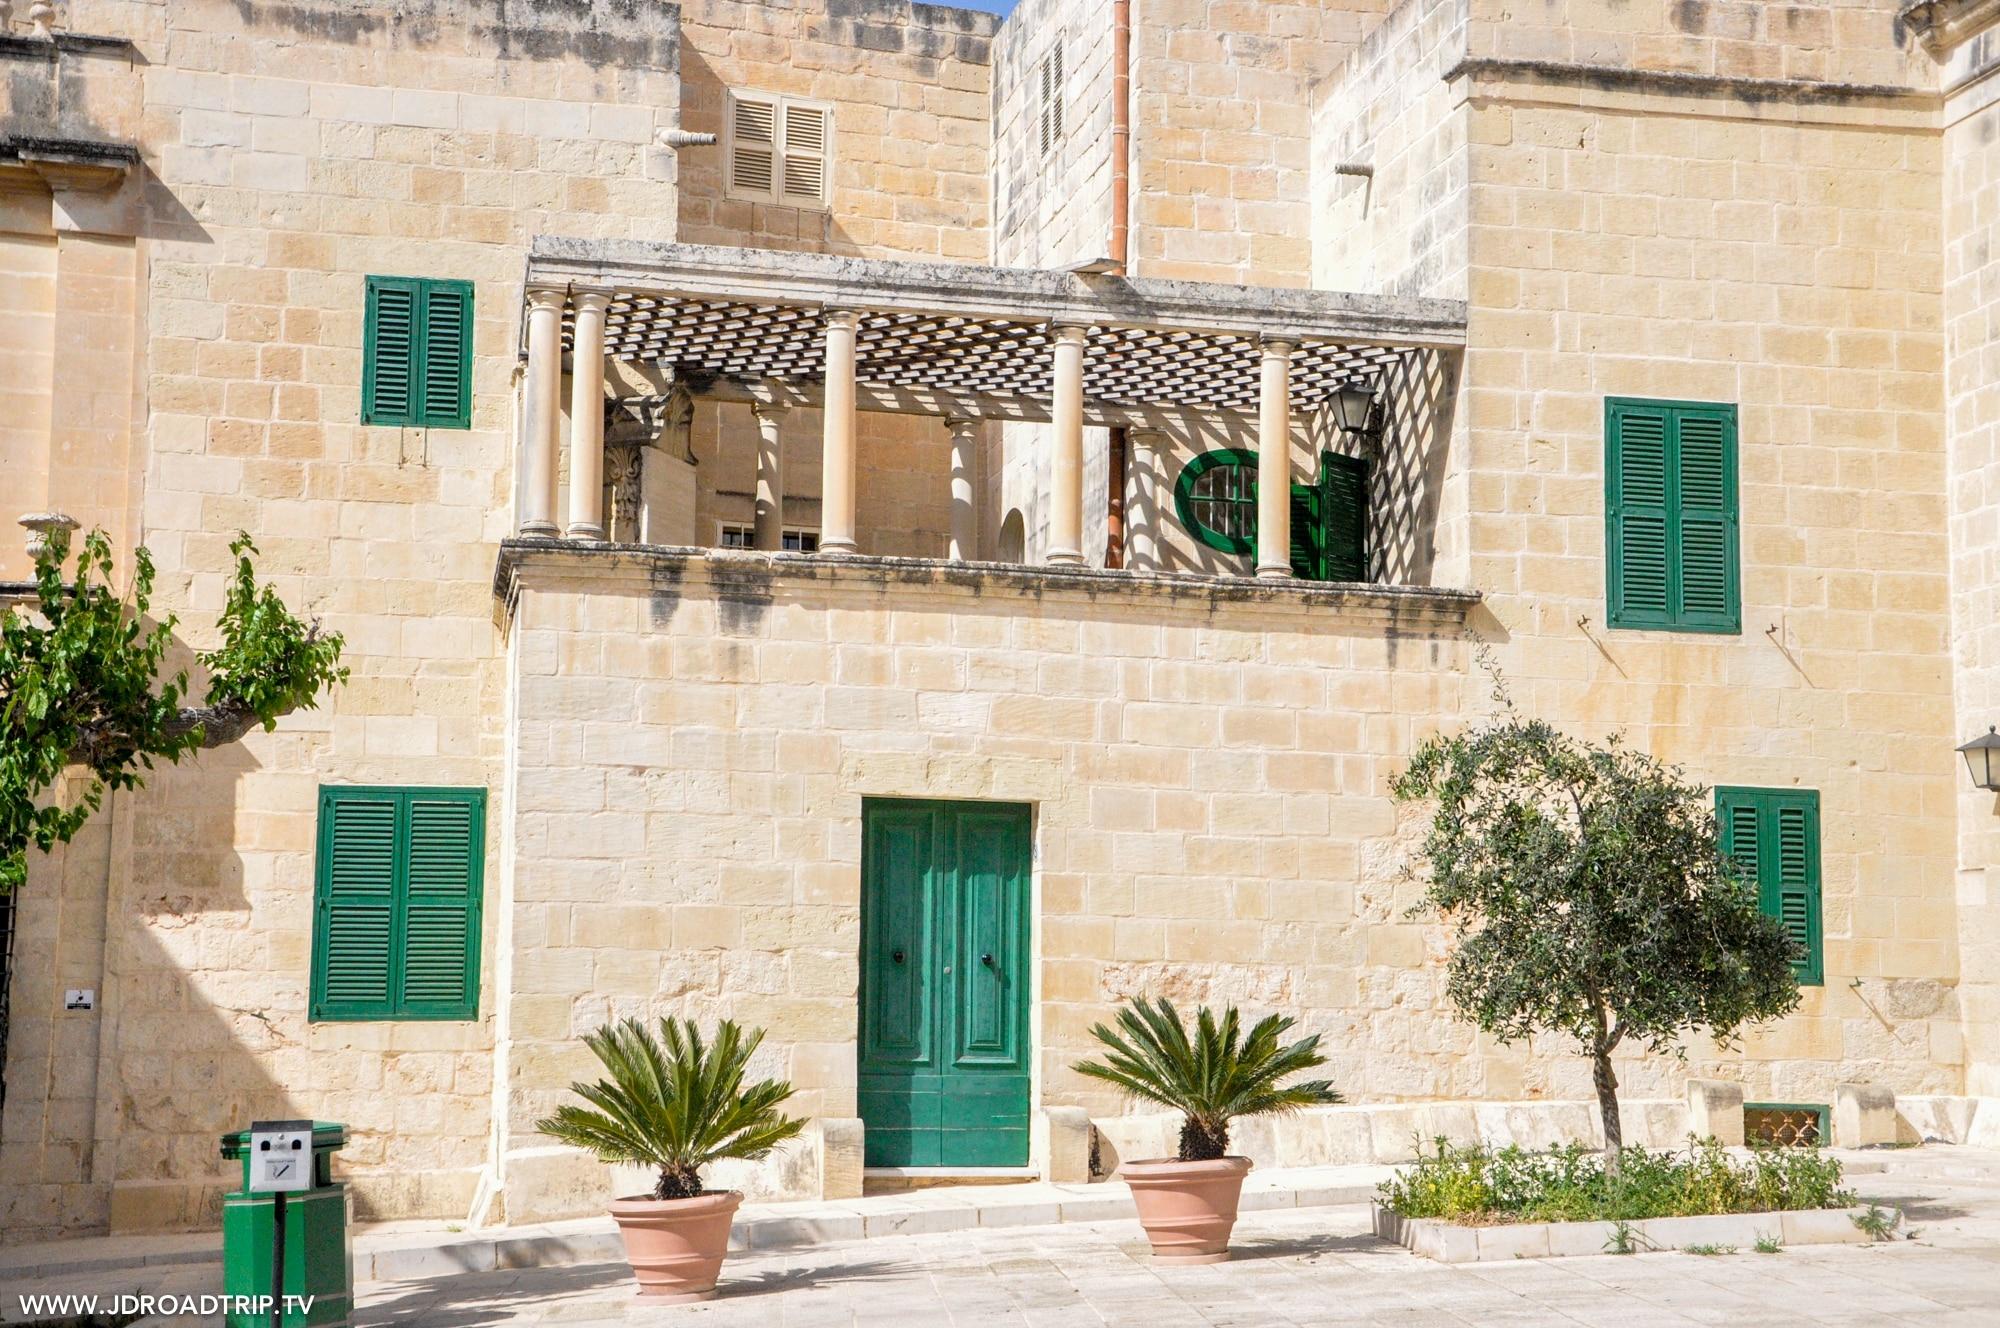 Visiter Malte en 4 jours